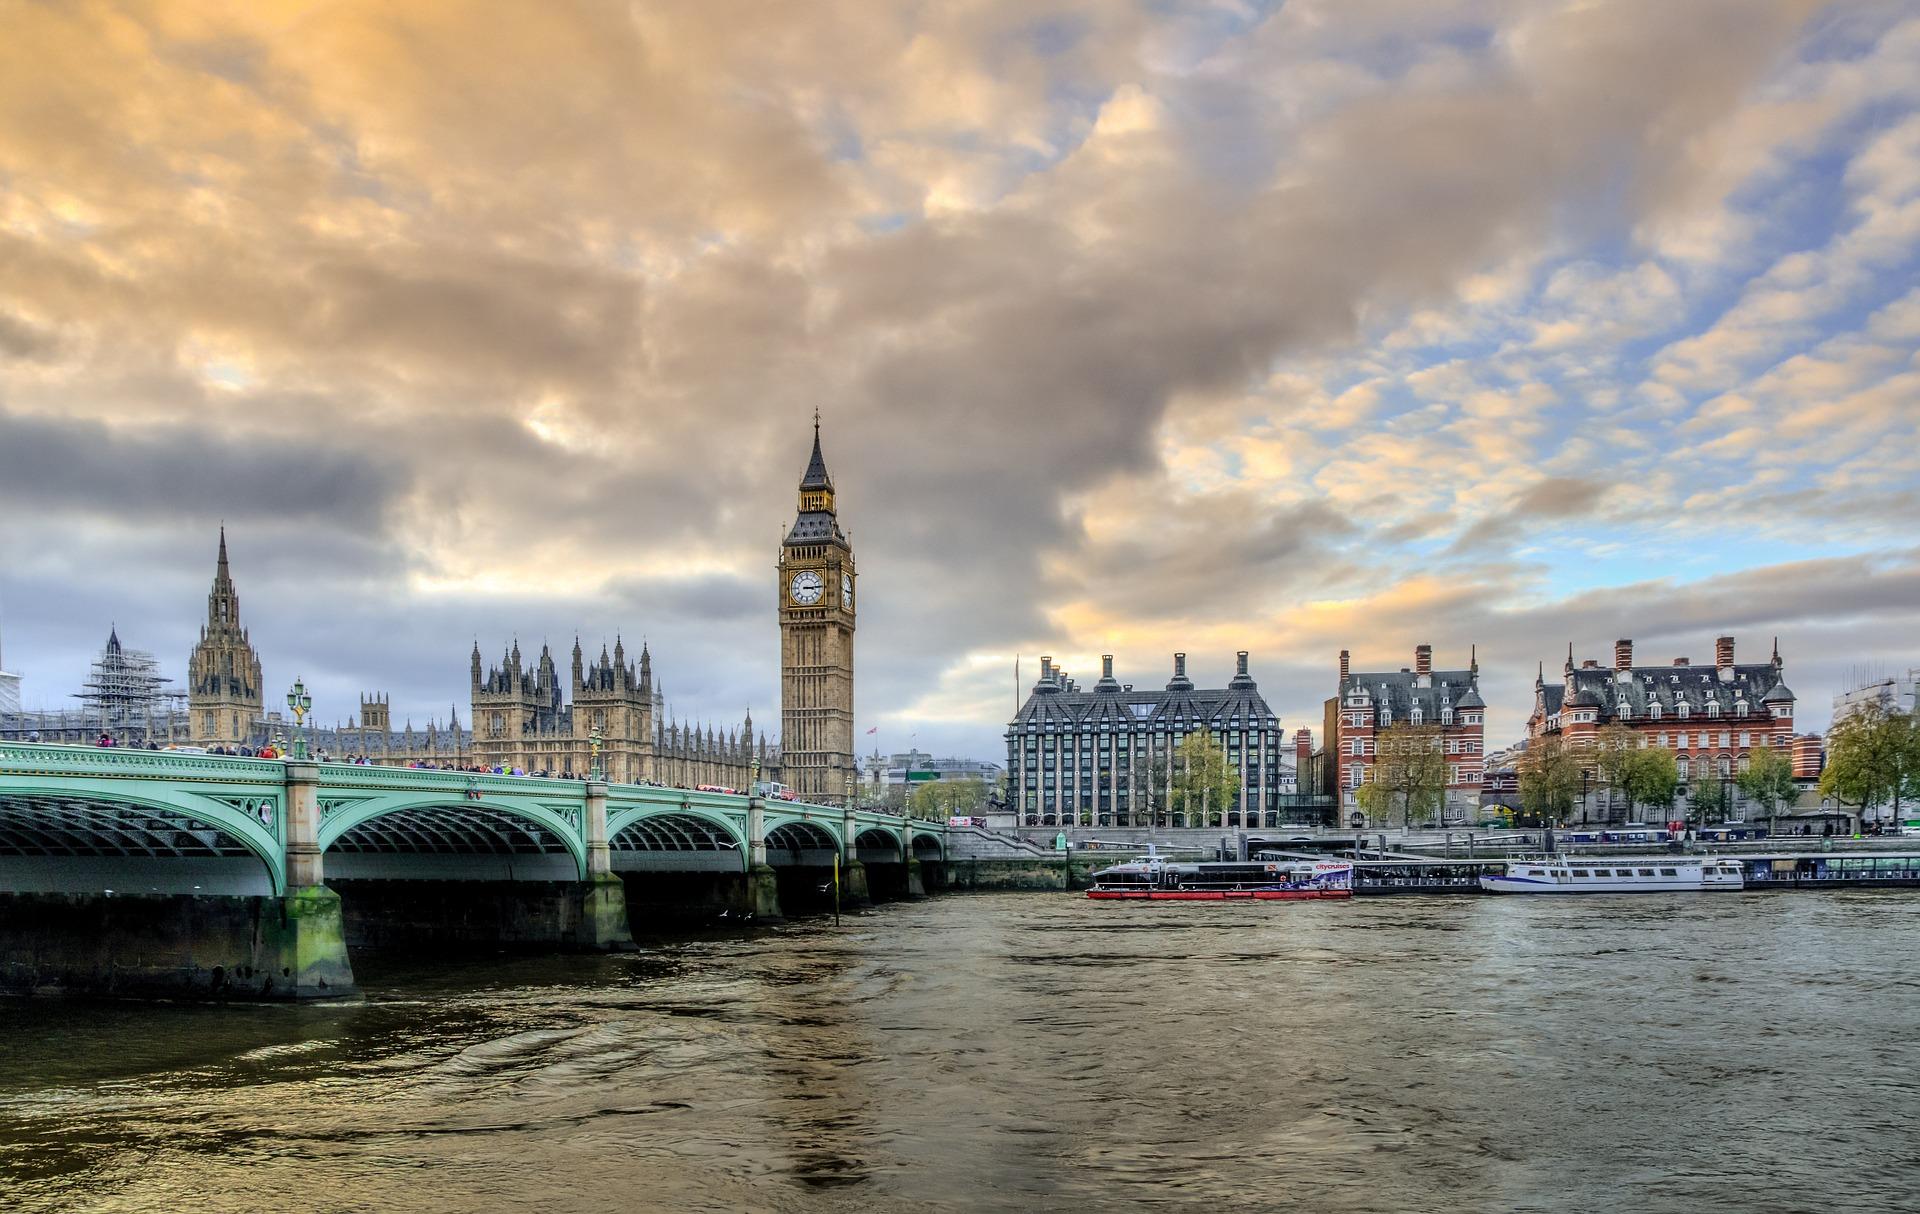 Die Hautpstadt des Vereinigten Königreiches